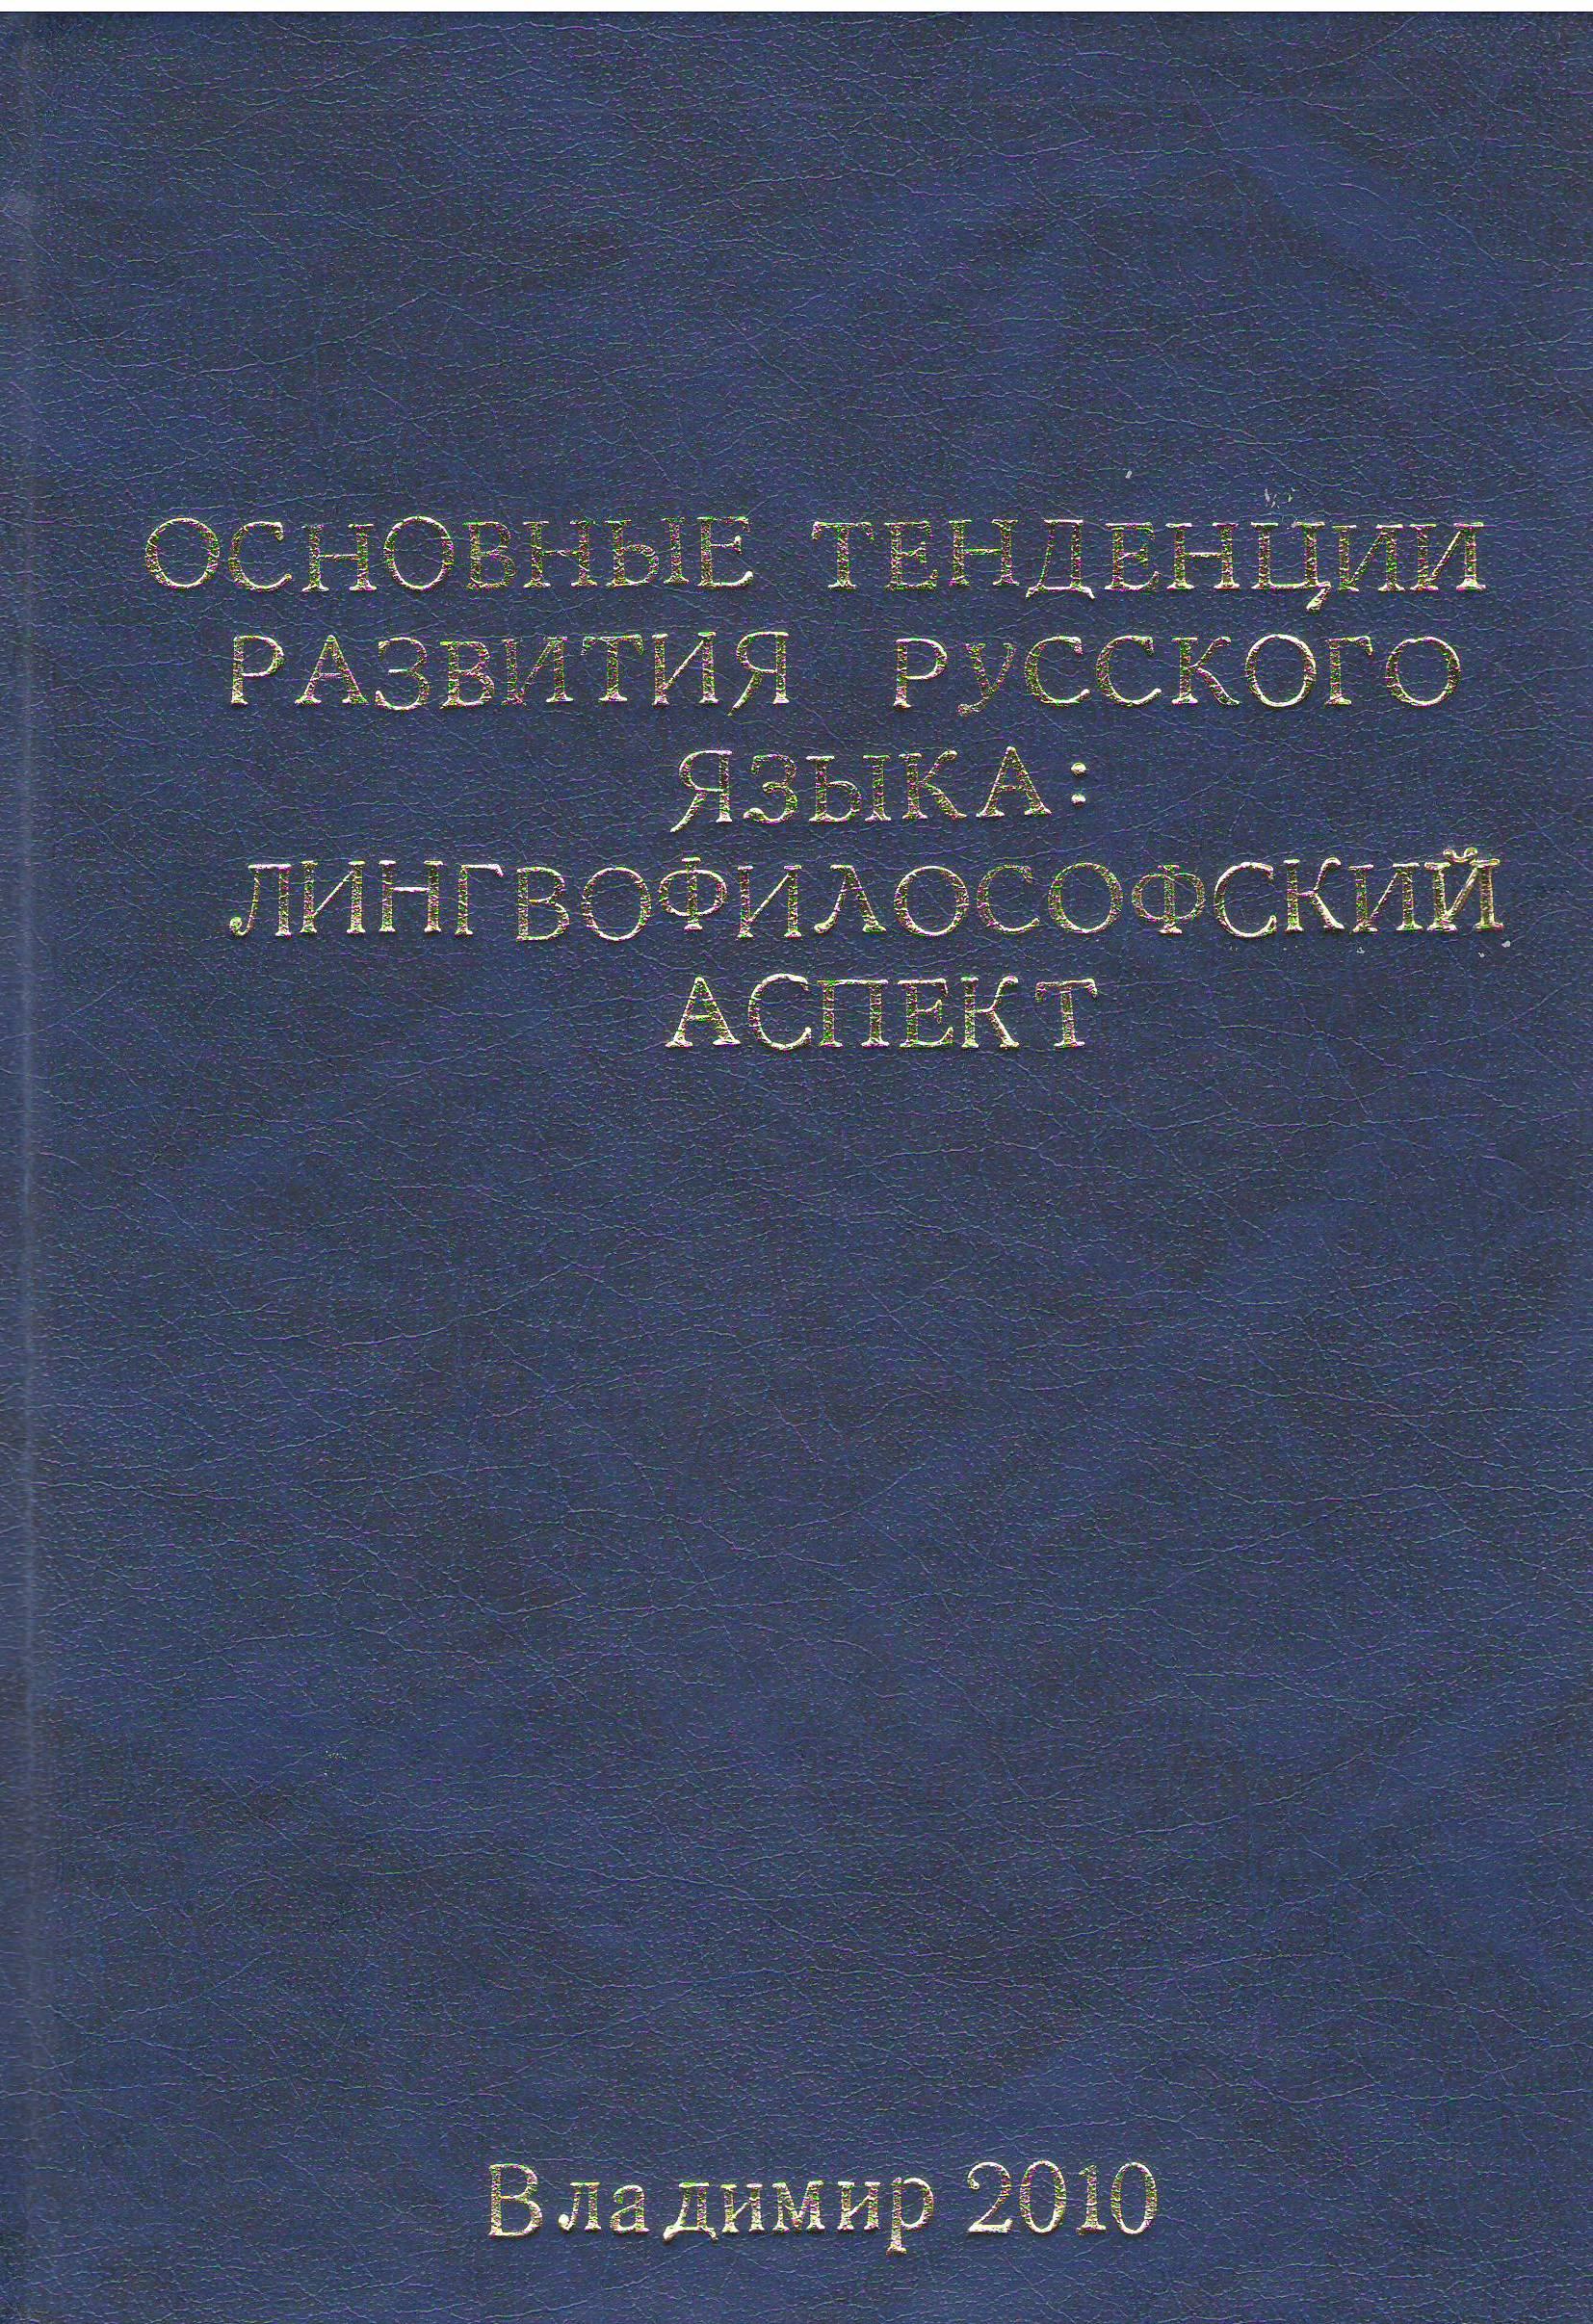 Семантическое переосмысление лексико-фразеологических единиц в художественном творчестве О. Павлова